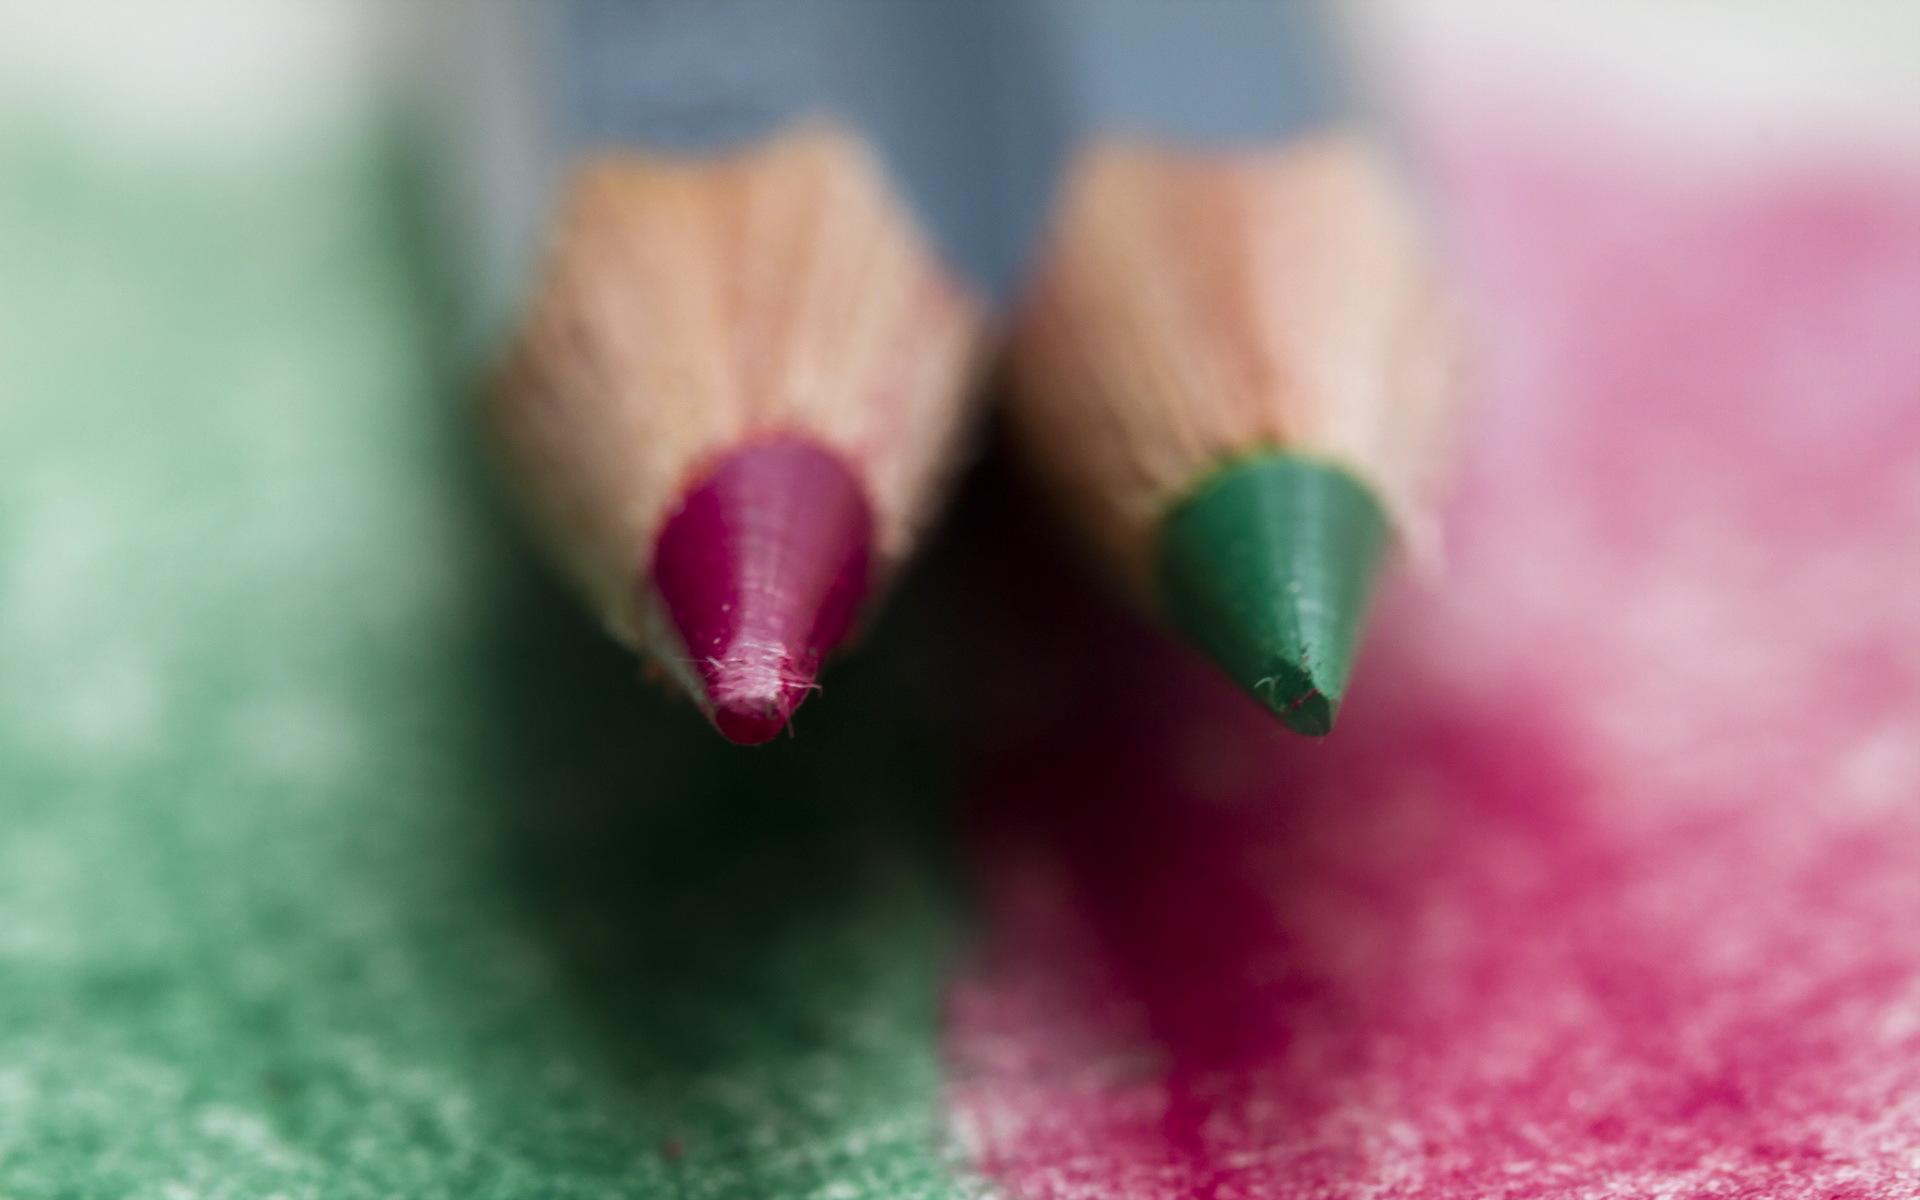 Обои для рабочего стола карандаша две вблизи карандаш Карандаши карандашей 2 два Двое вдвоем Крупным планом